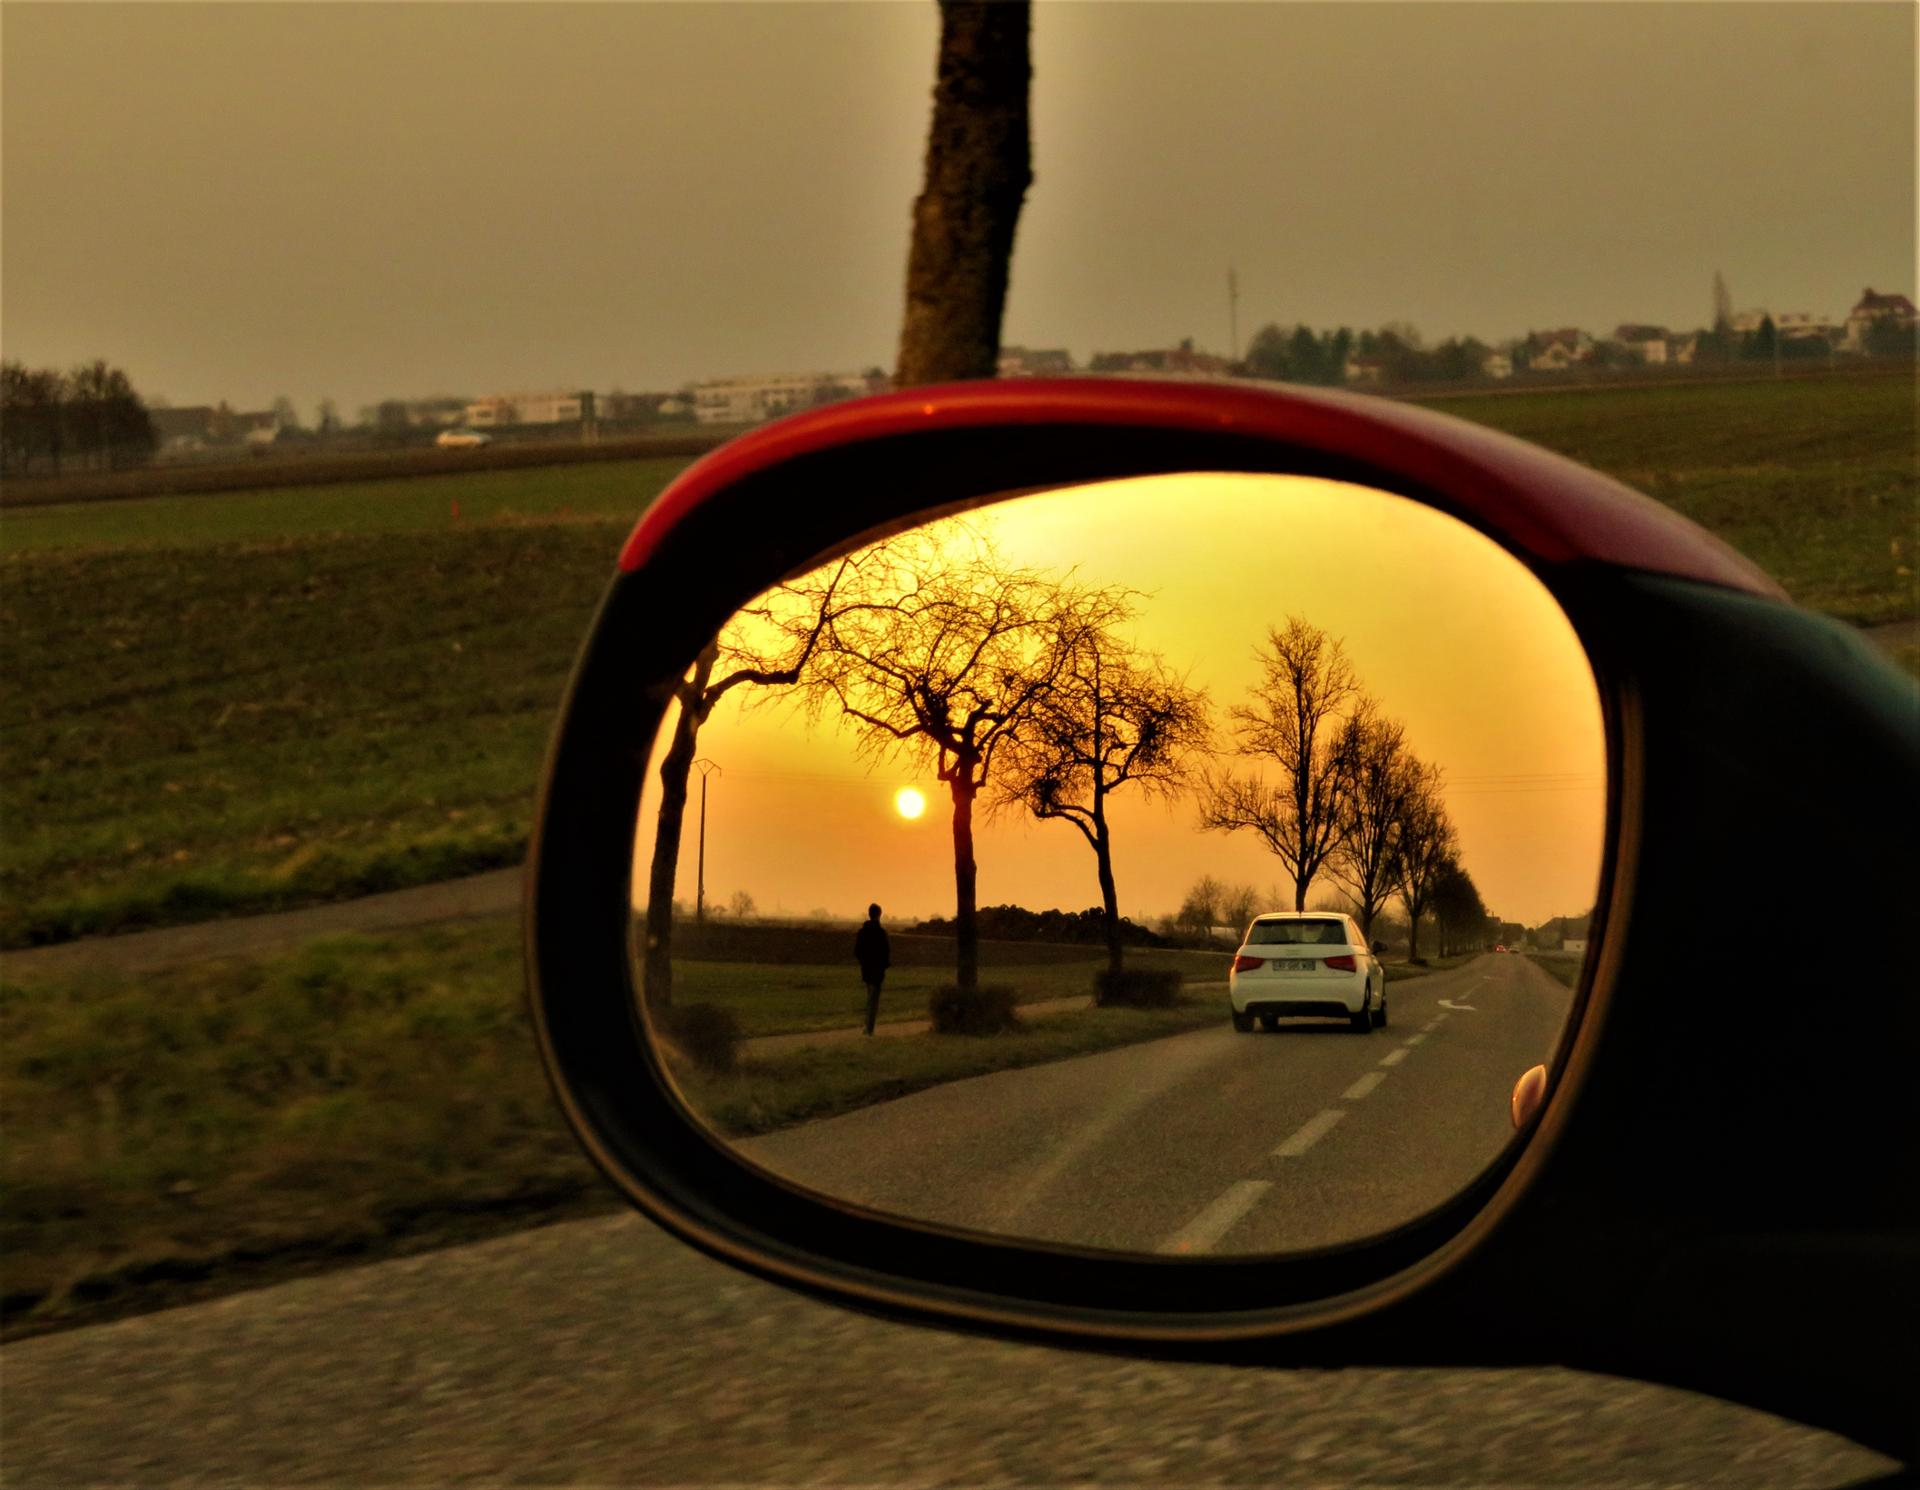 Regarder en arrière...pour y voir les belles choses